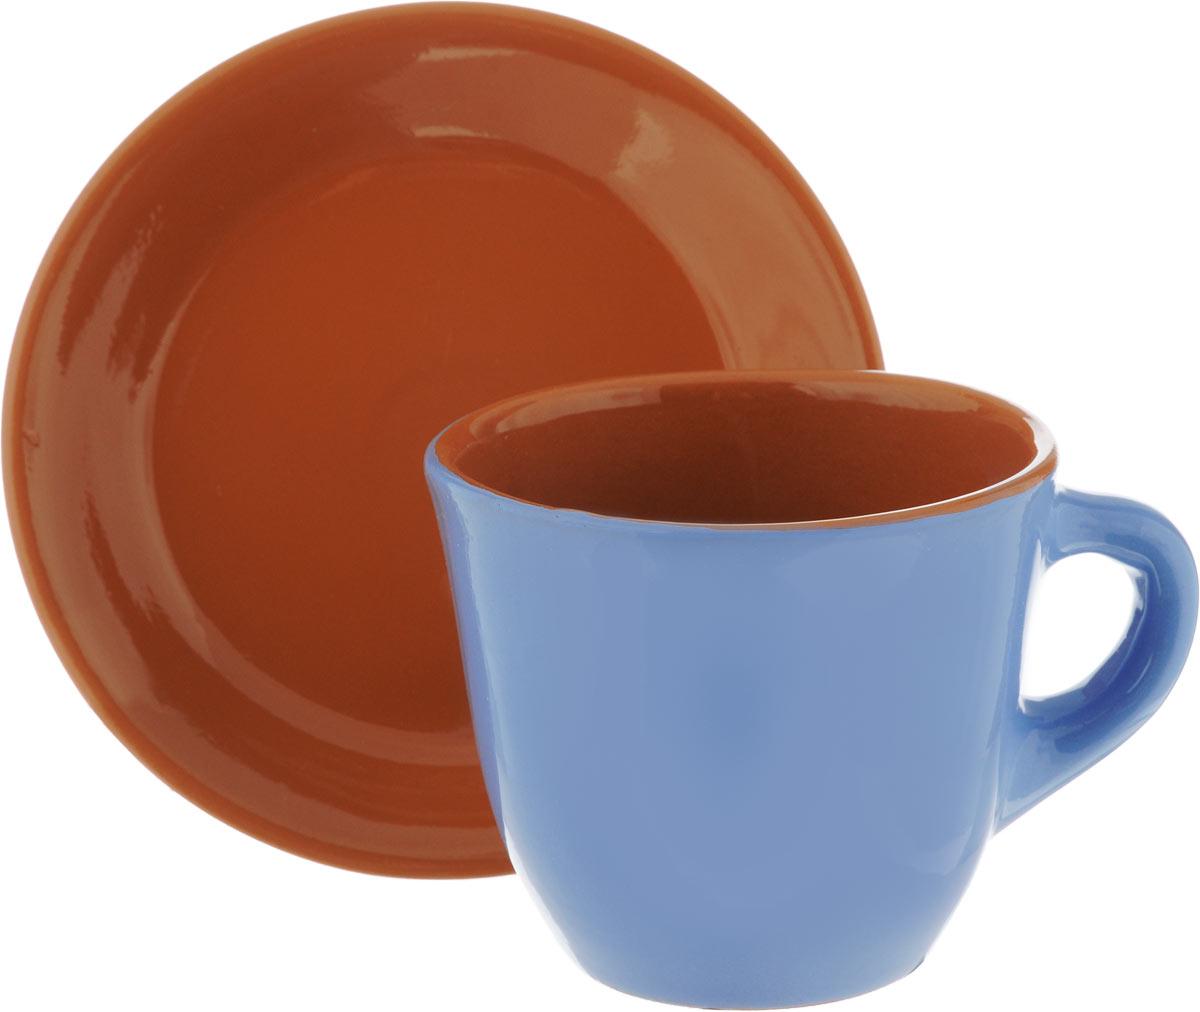 Чайная пара Борисовская керамика Cтандарт, цвет: голубой, коричневый, 2 предметаОБЧ00000637_голубой, коричневыйЧайная пара Борисовская керамика Cтандарт состоит из чашки и блюдца, изготовленных из высококачественной керамики. Такой набор украсит ваш кухонный стол, а также станет замечательным подарком к любому празднику.Можно использовать в микроволновой печи и духовке.Диаметр чашки (по верхнему краю): 10 см.Высота чашки: 8,5 см.Диаметр блюдца (по верхнему краю): 15 см.Высота блюдца: 2,5 см.Объем чашки: 300 мл